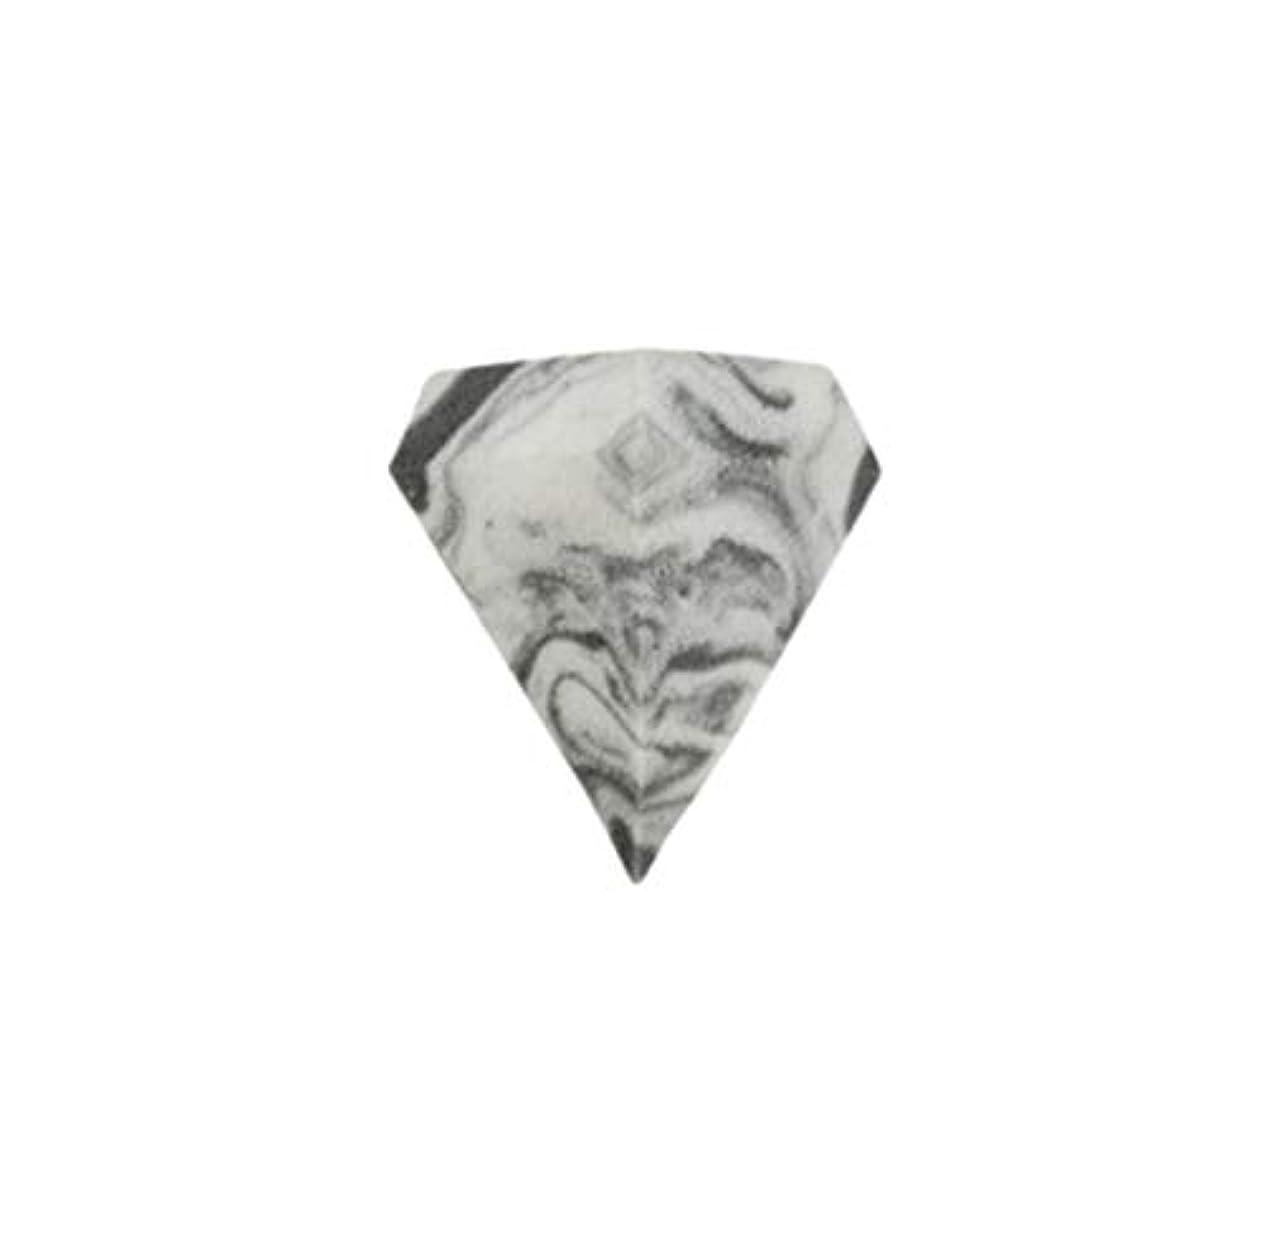 値使用法しわ美のスポンジ、柔らかいダイヤモンド形の構造の混合物の基礎スポンジ